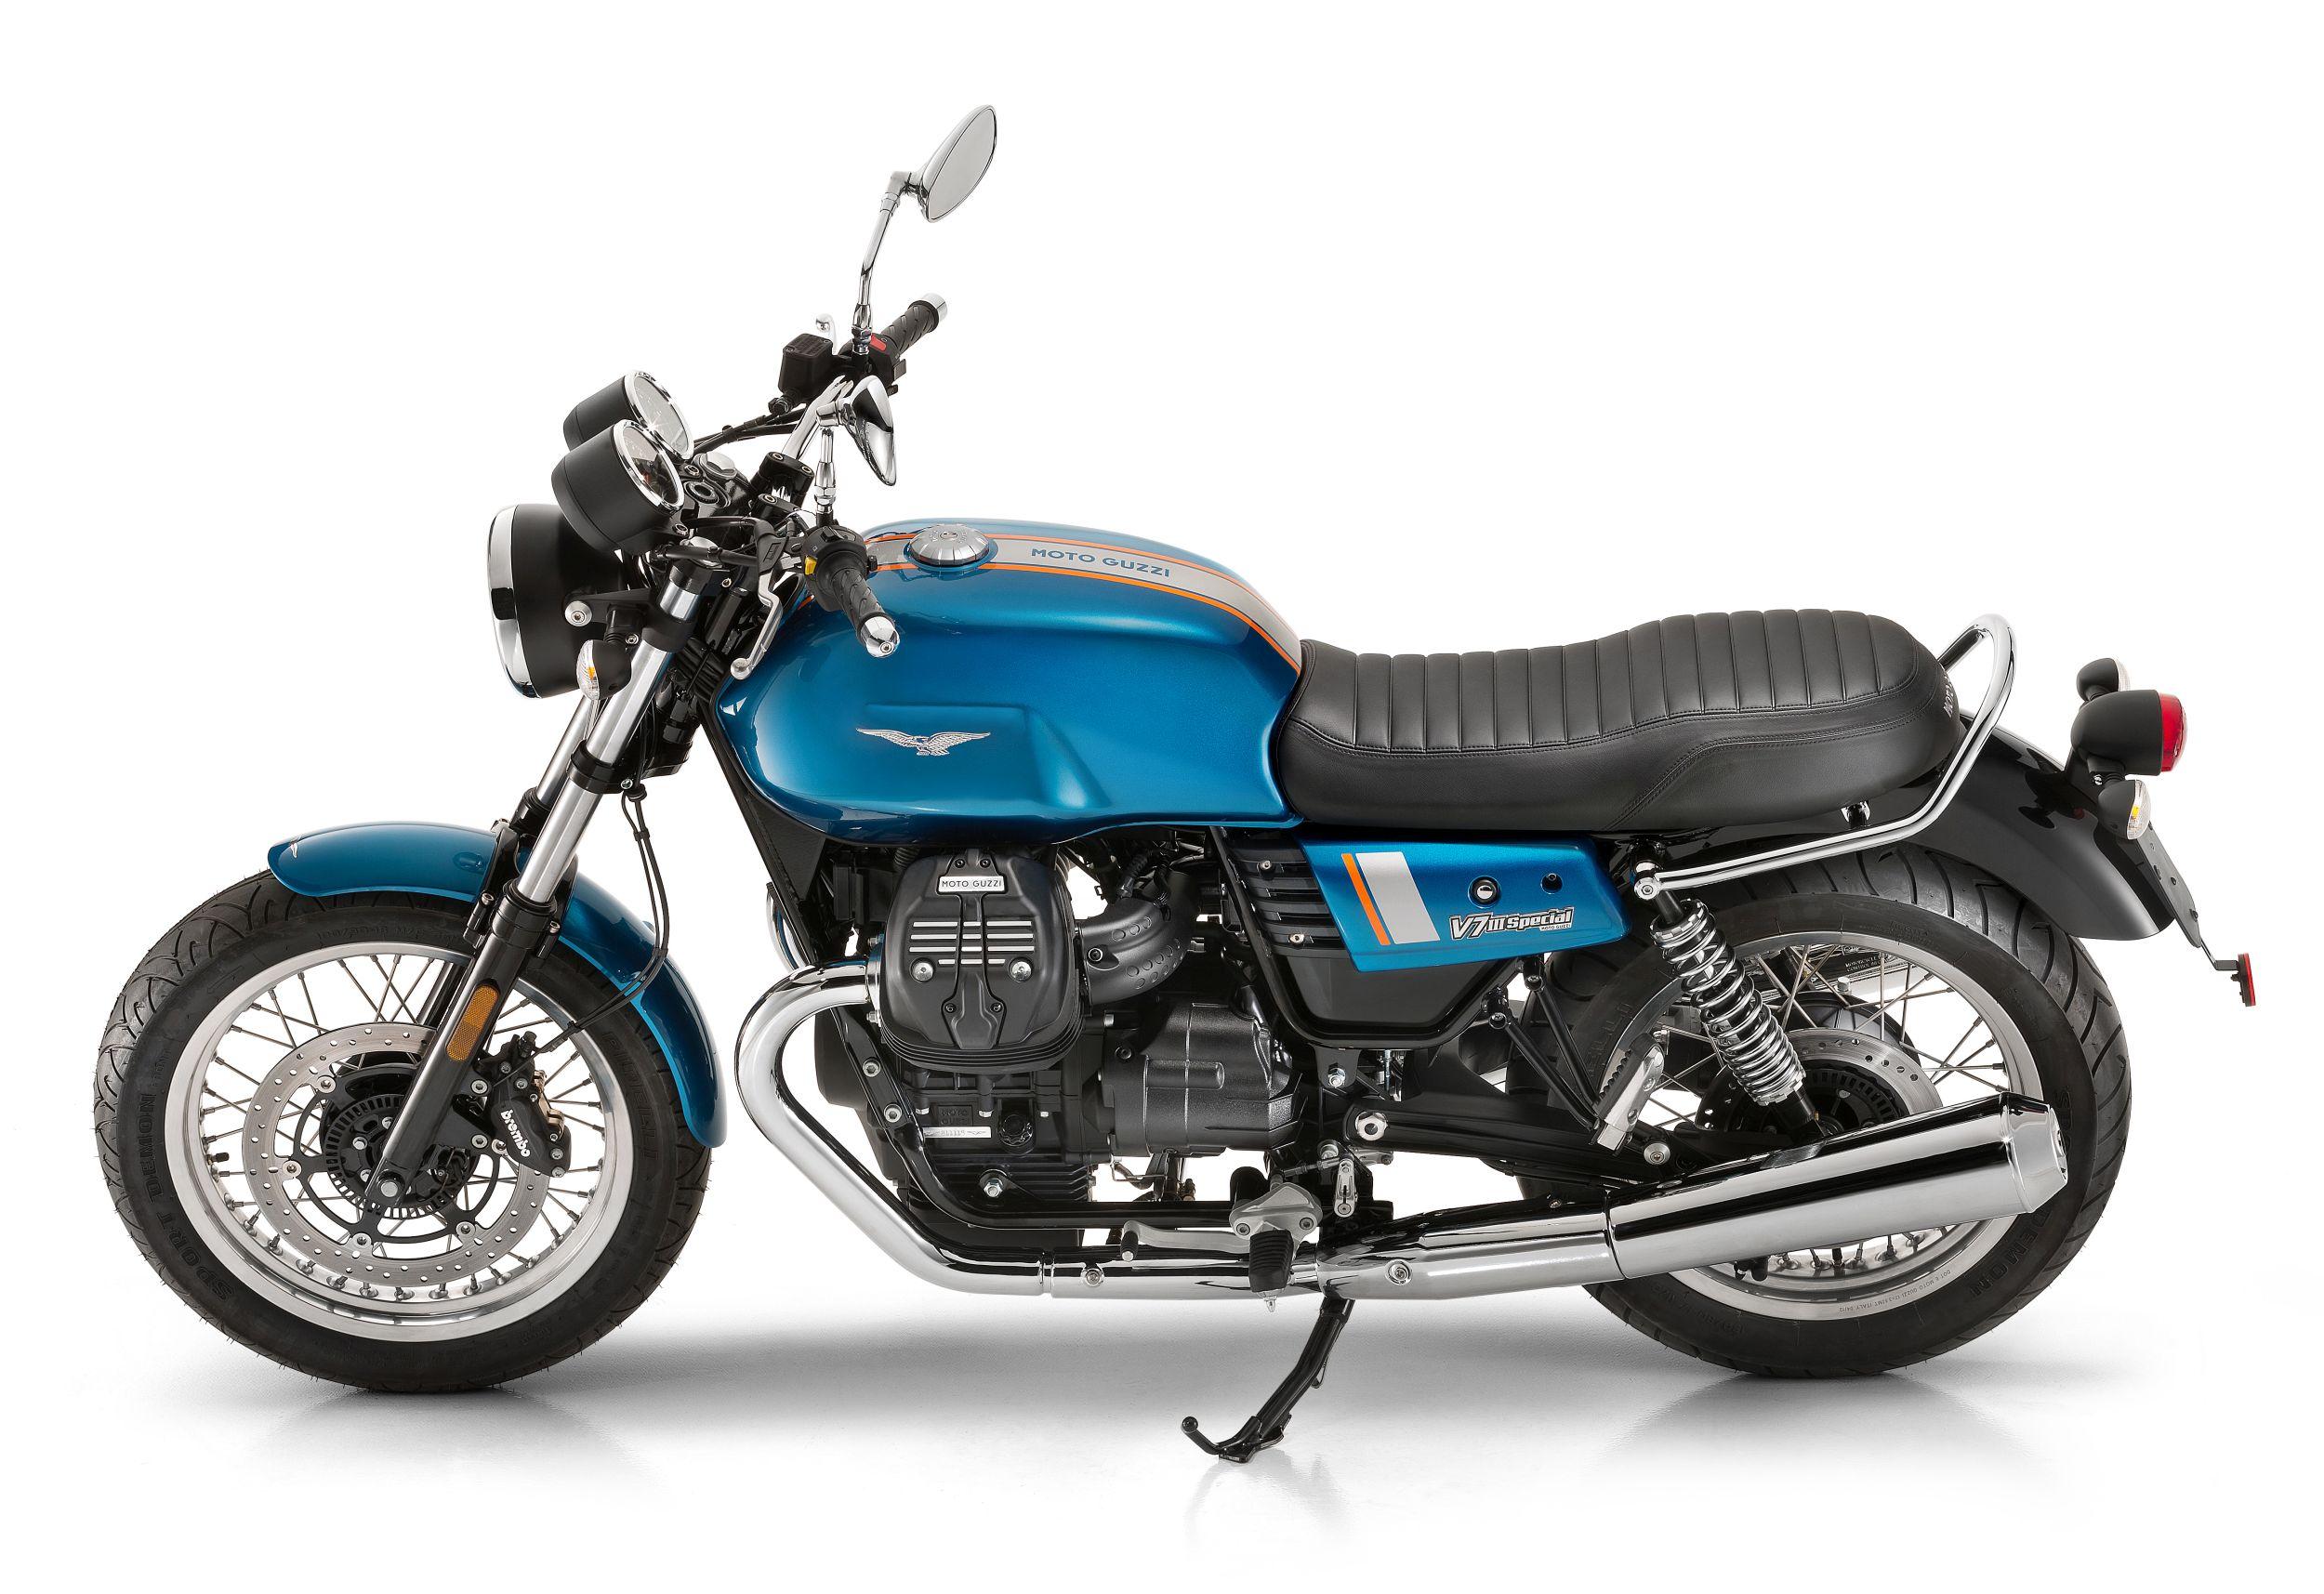 gebrauchte und neue moto guzzi v7 iii special motorr der. Black Bedroom Furniture Sets. Home Design Ideas